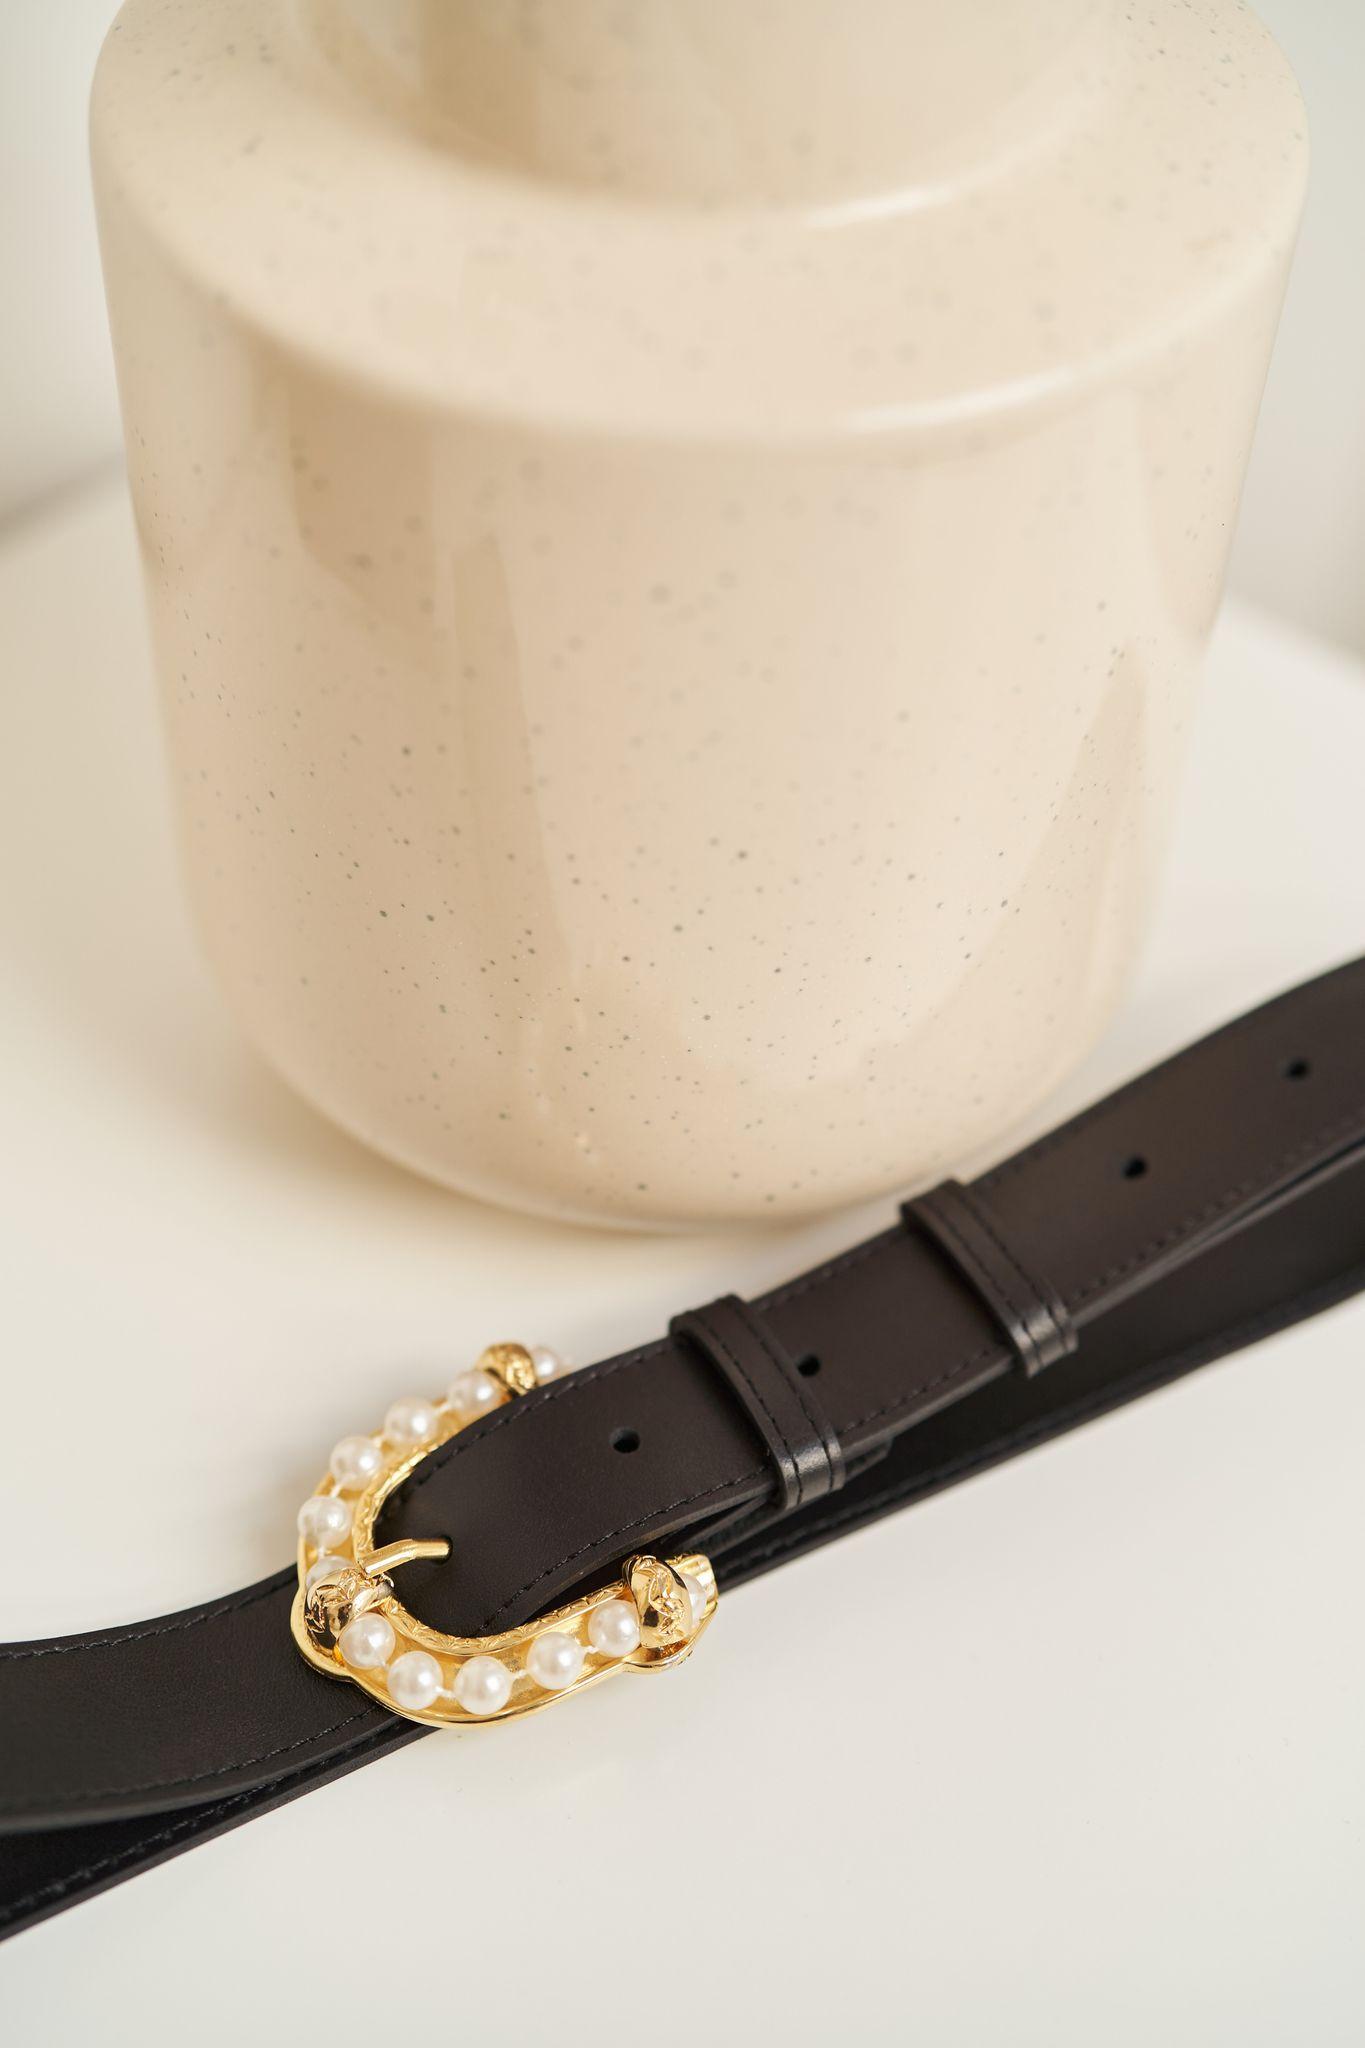 Czas dostawy: 7 dni - materiał: skóra - licowa, bydlęca - grubość skóry: około 2,5 mm - szerokość paska: 3 cm - kolor: czarny - zapięcie na wyjątkową, metalową klamrę z perłami w kolorze złota - 6 dziurek w odstępach co 3 cm, ostatnia dziurka 13 cm od końca paska Proponowany rozmiar dotyczy długości całego paska: od klamry do jego zakończenia. Pasek wykonany w Polsce.